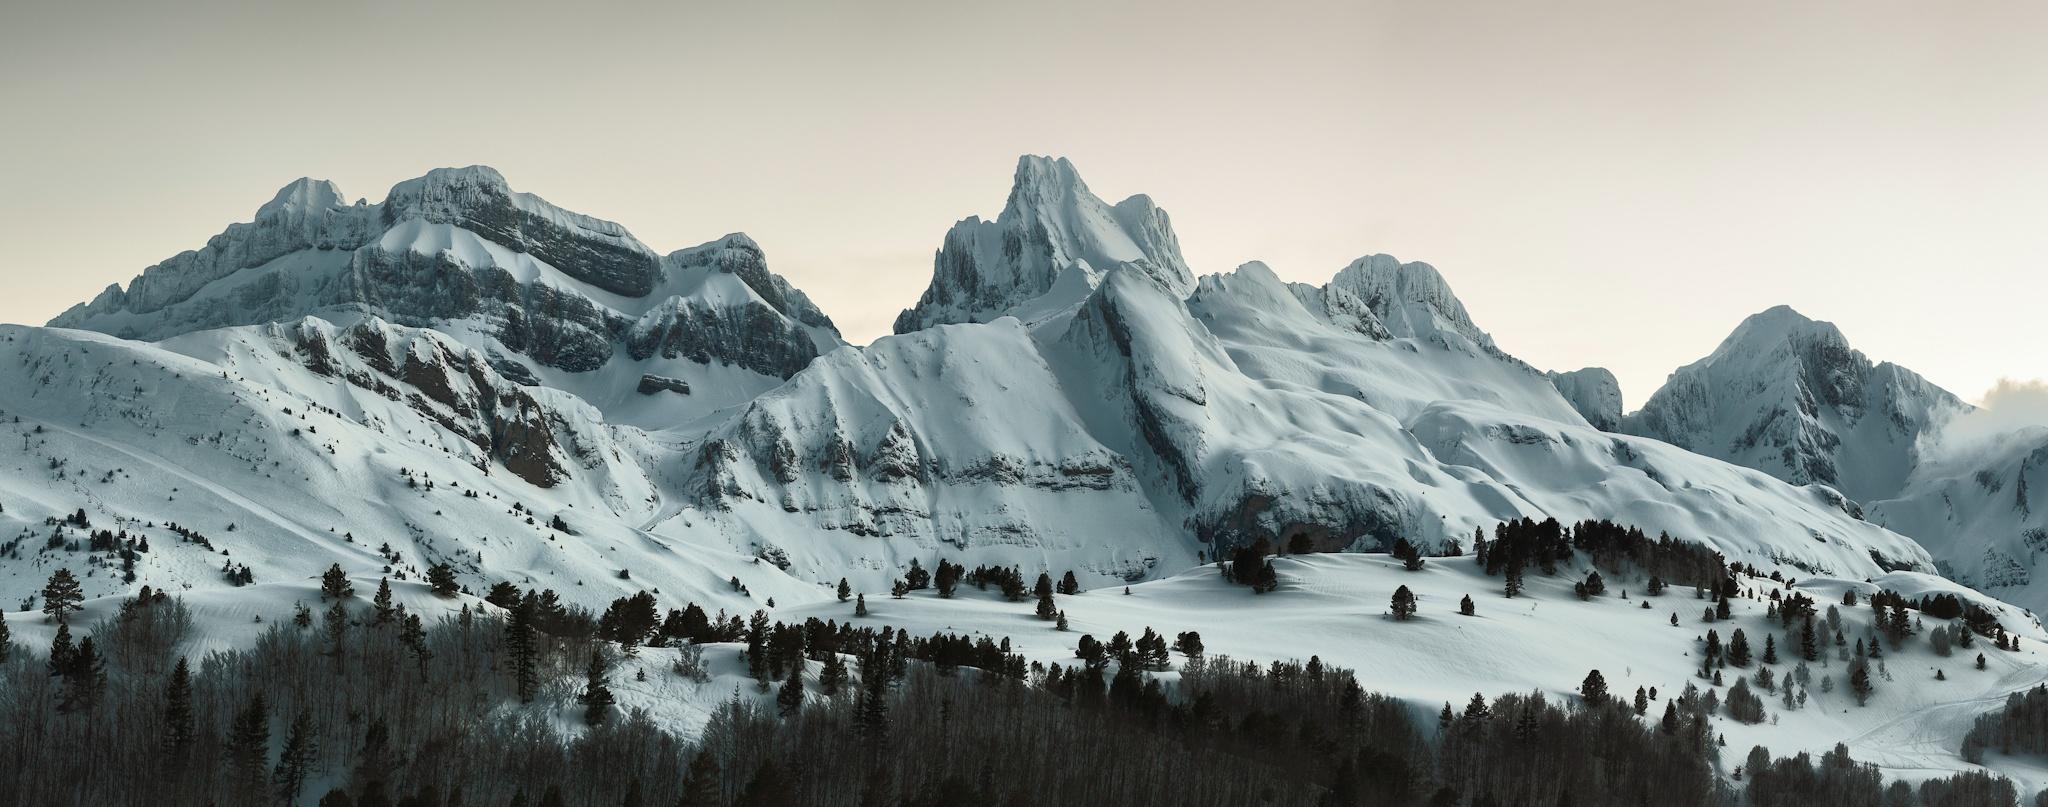 Panoramica desde la frontera - Paisajes del valle - Fotos del Valle del Aragón, Mikel Besga